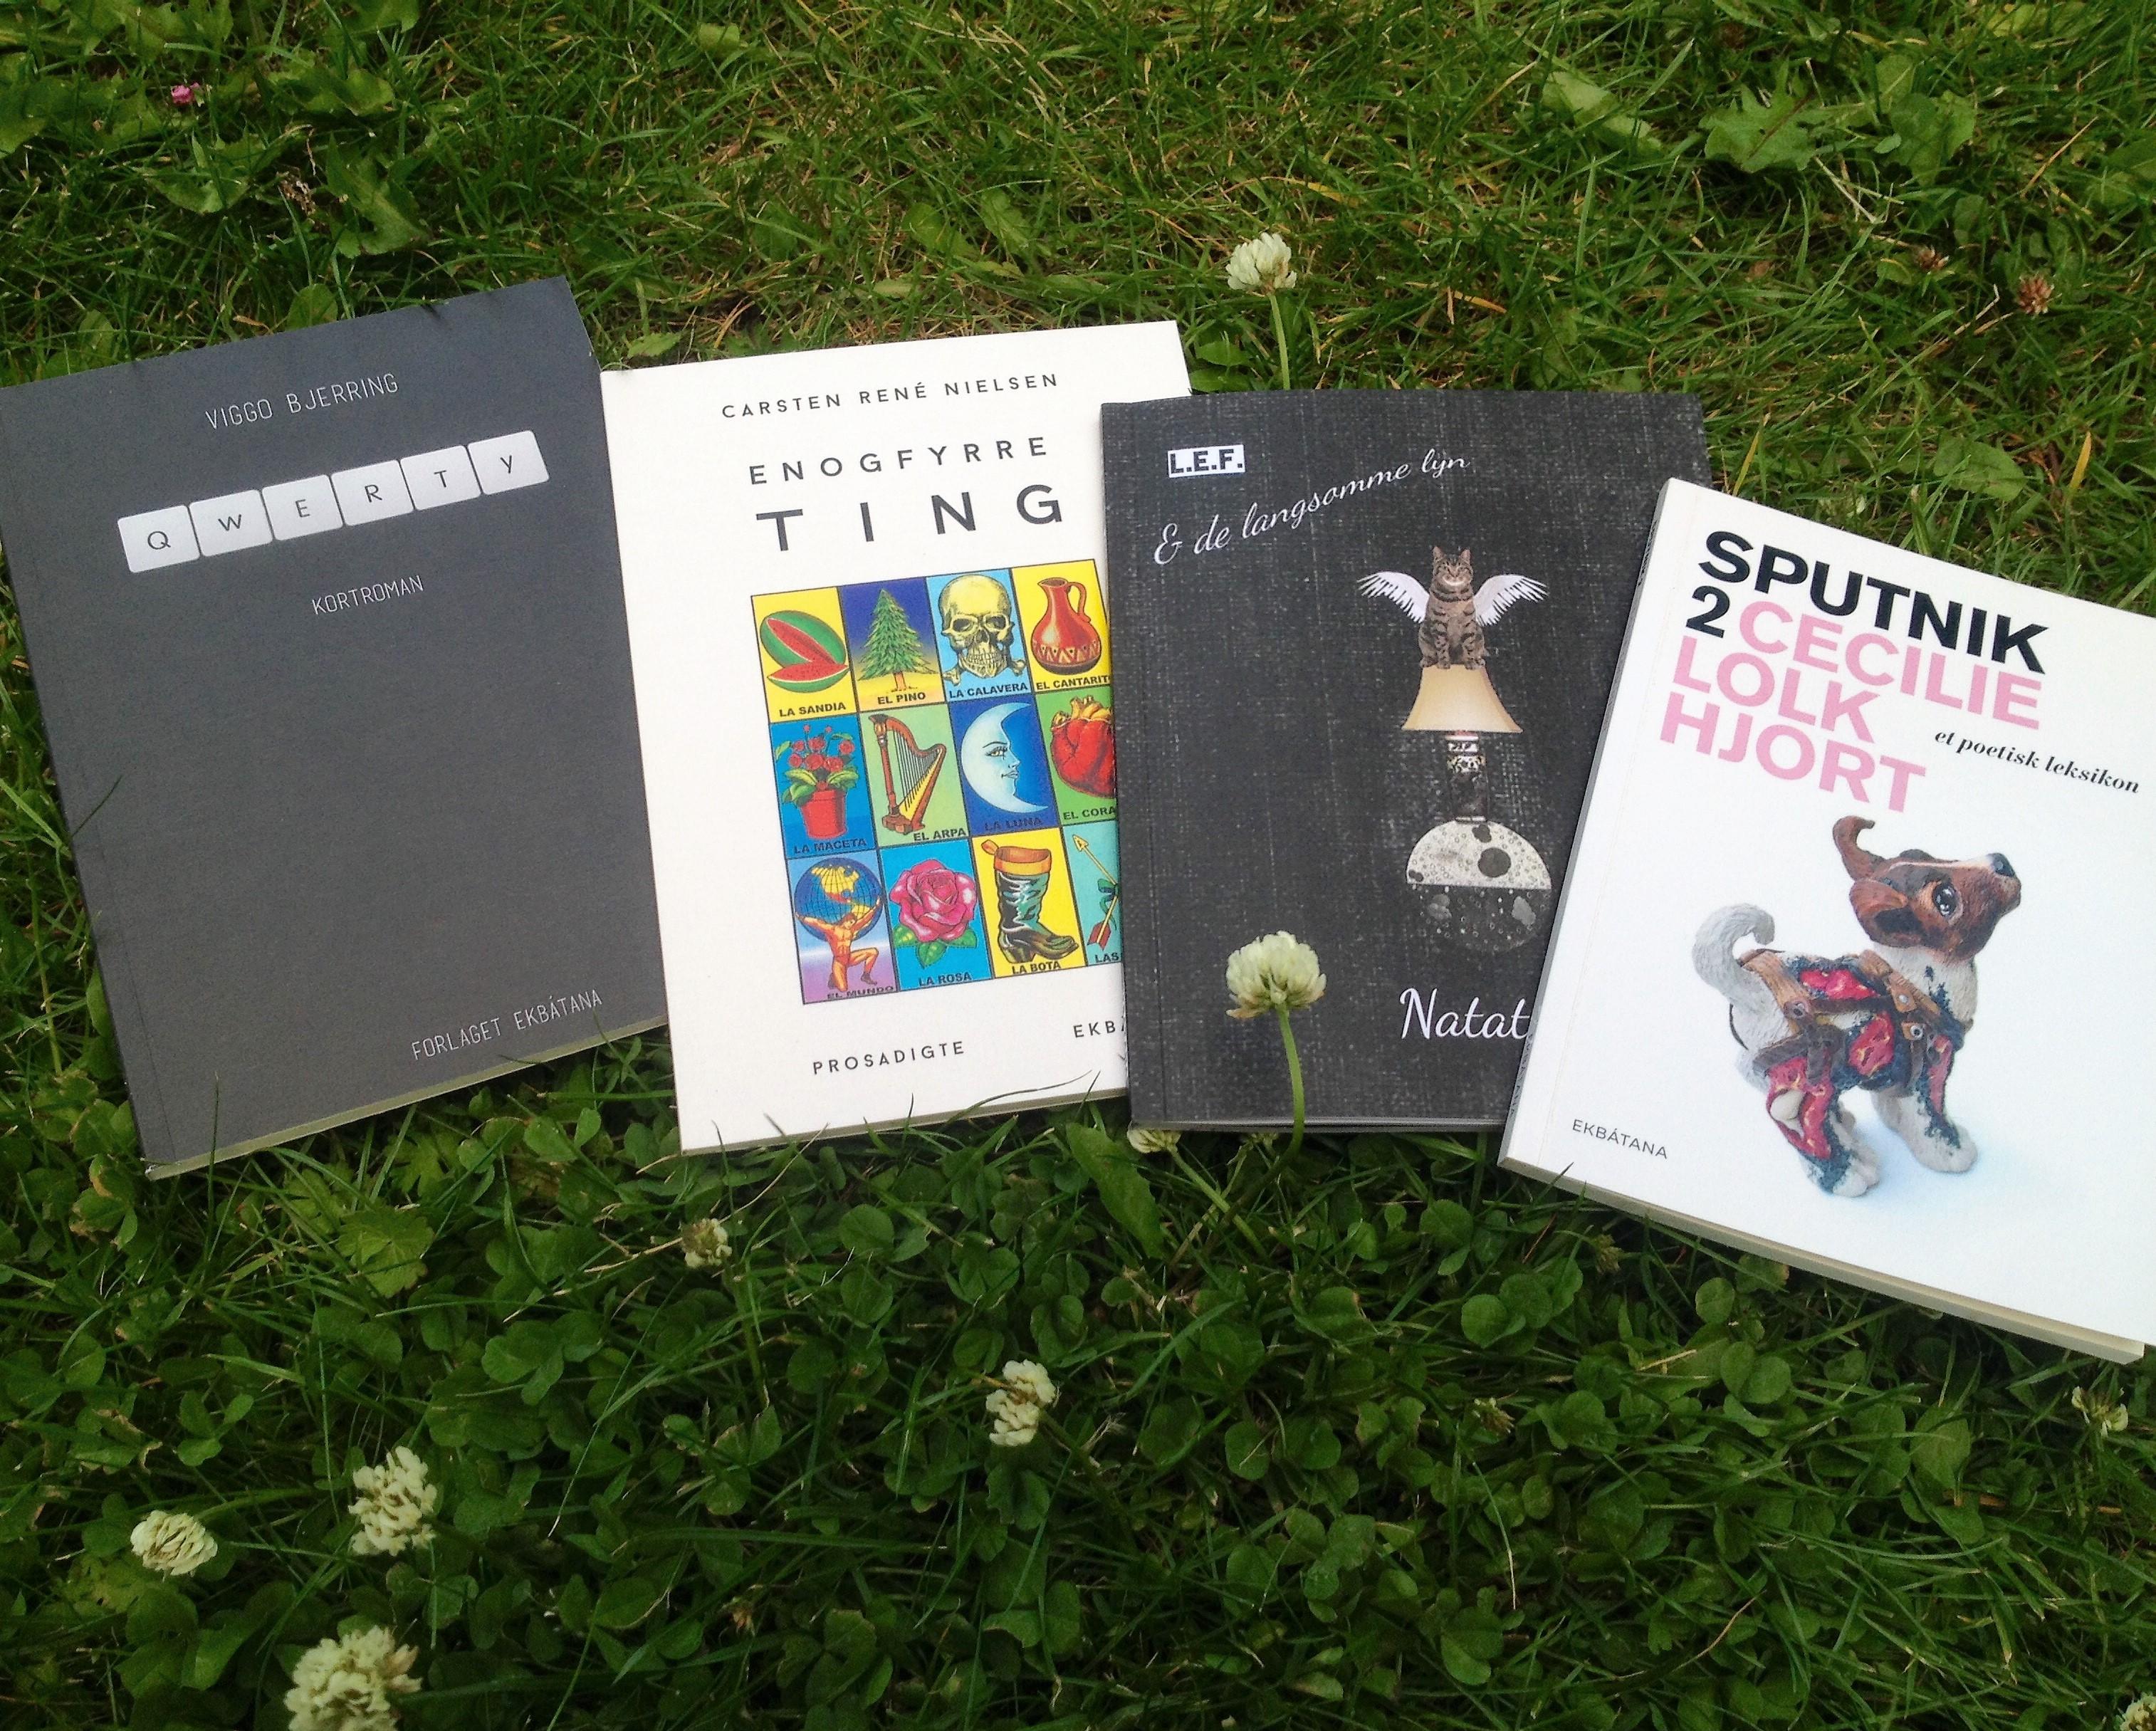 Sommerlommerabat, Enogfyrre ting, Sputnik 2, qwerty, Natatlas, Lars Emil Foder, Viggo Bjerring, Cecilie Lolk Hjort, Carsten René Nielsen